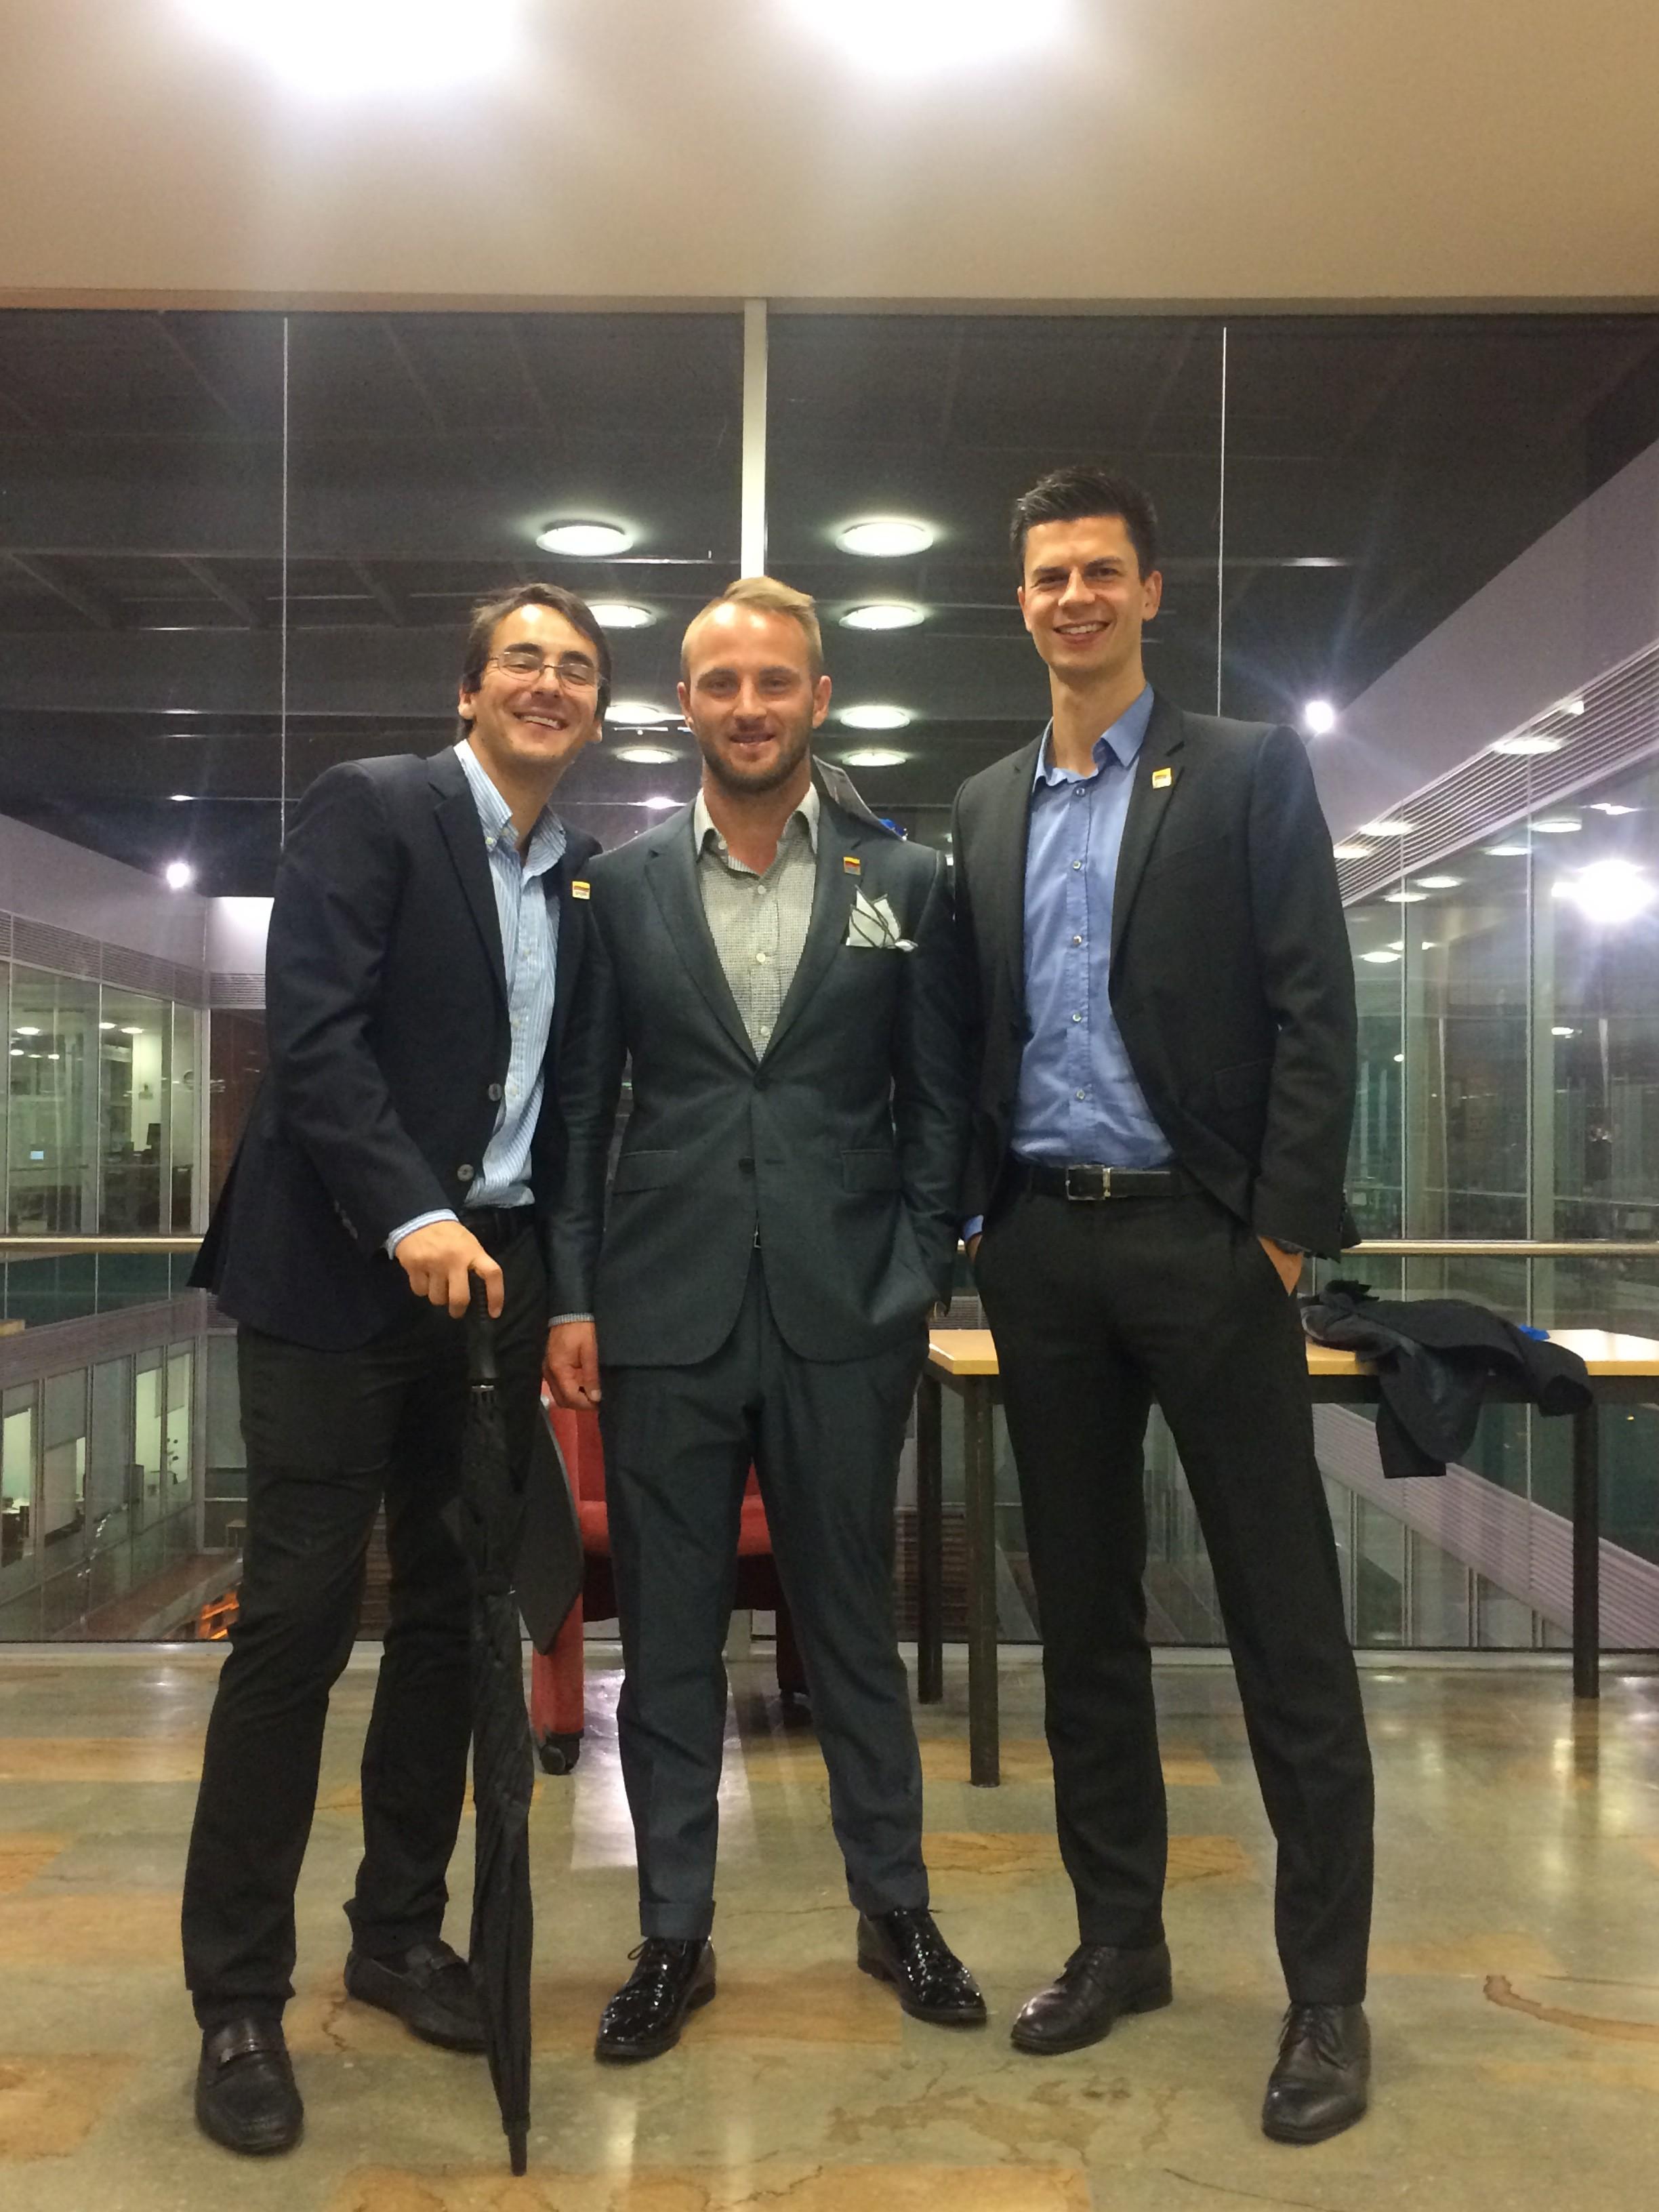 El equipo de EADA representado por: Clinton Walker (Australia), Daniel Felipe Petro (Colombia) y Julian Schmid (Alemania)